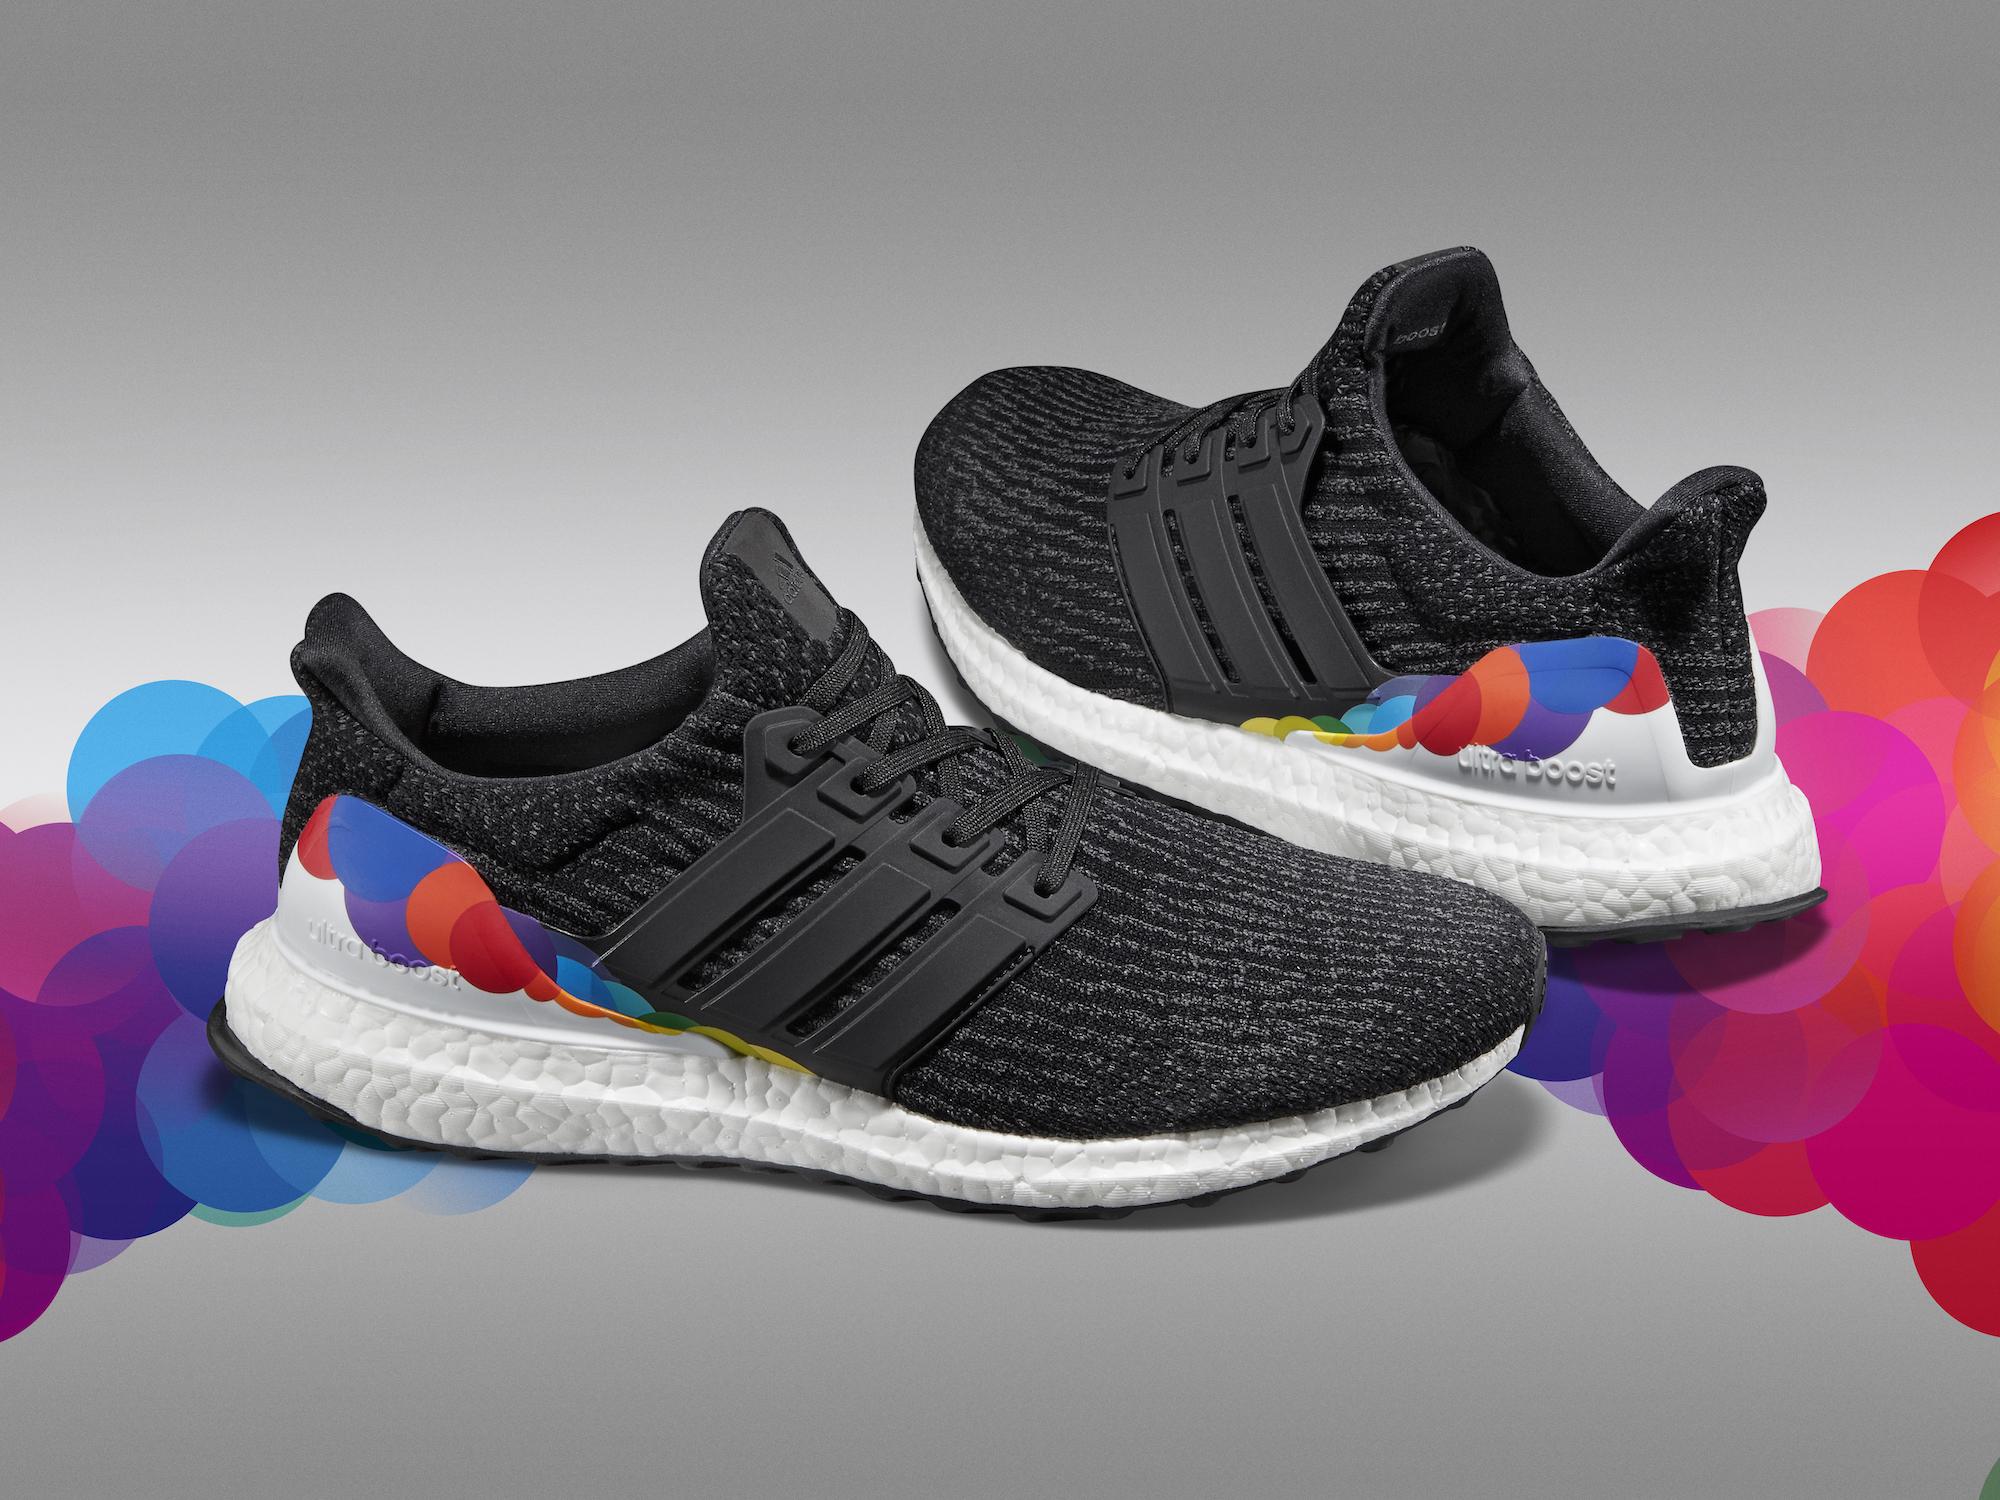 adidas pride pack ultraboost 1